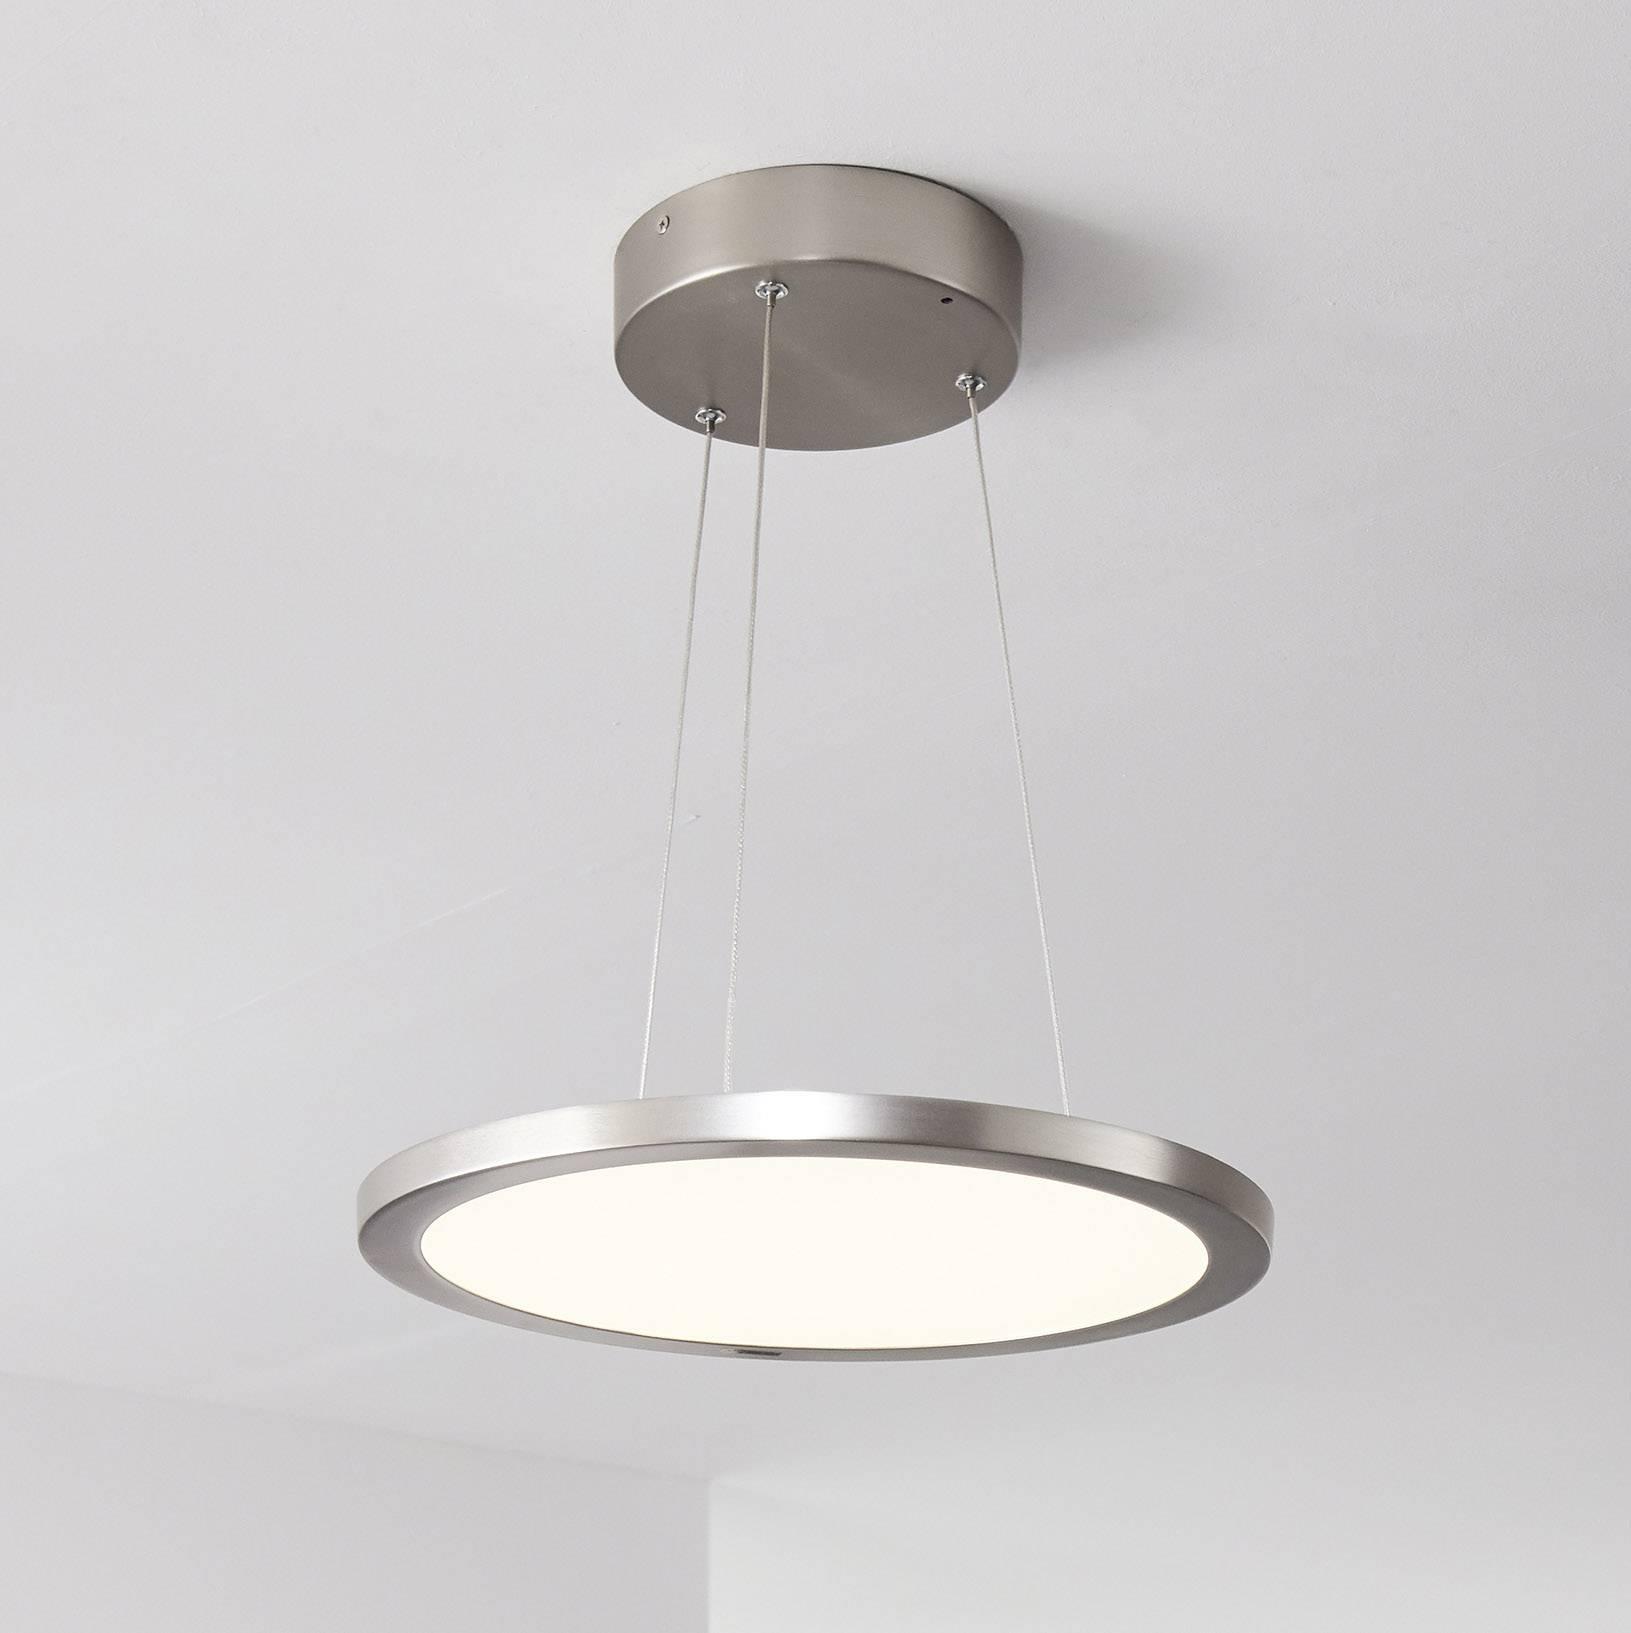 LED závěsná lampa Brilliant WiZ Smooth, pevně vestavěné LED, 30 W, teplá bílá, neutrálně bílá, denní světlo